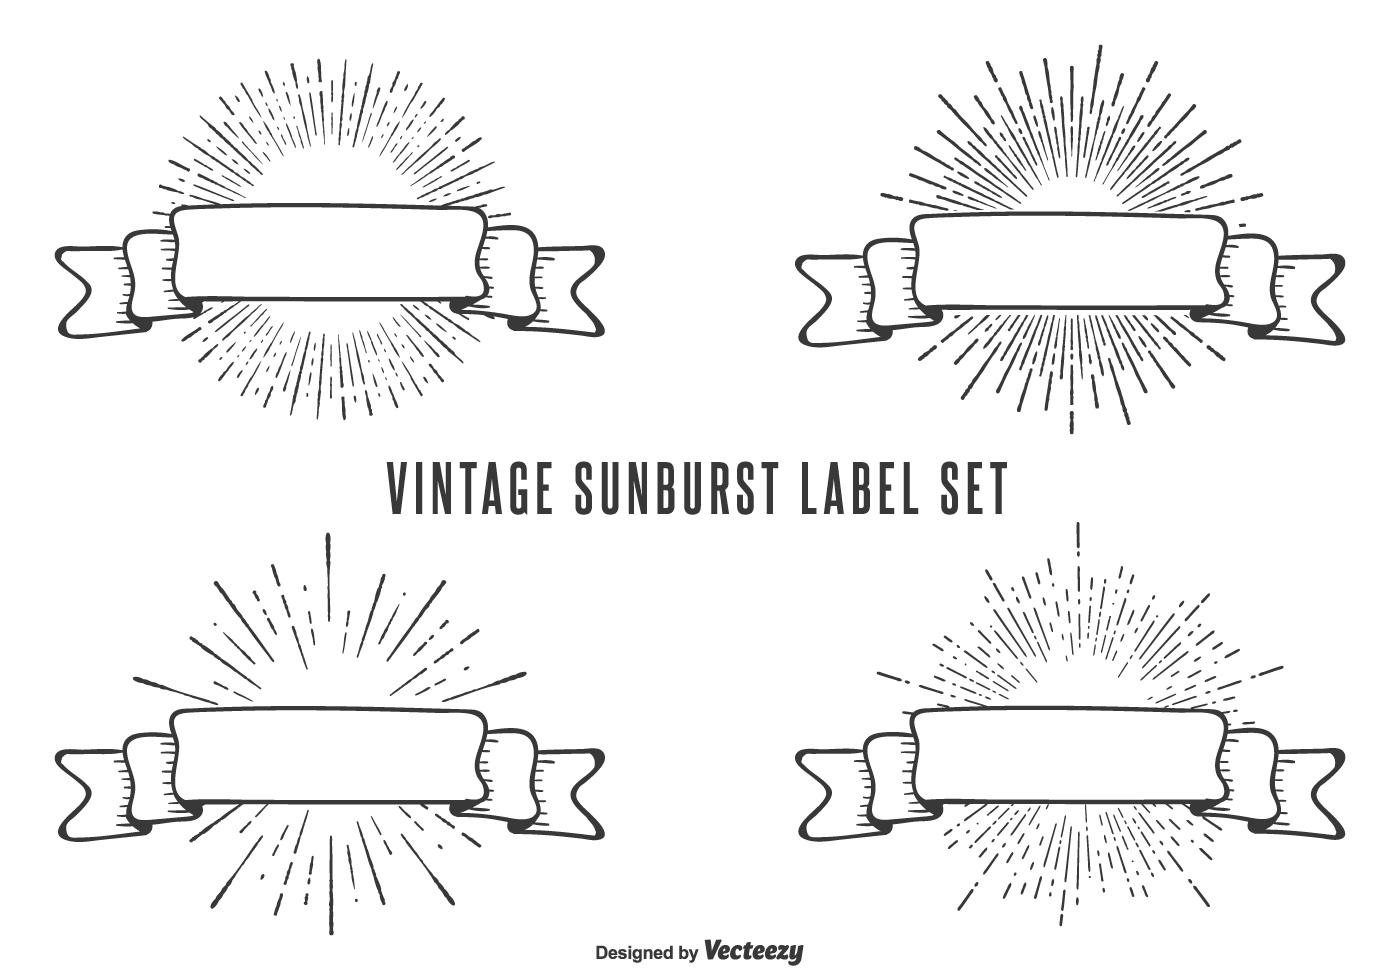 Vintage Sunburst Label Set